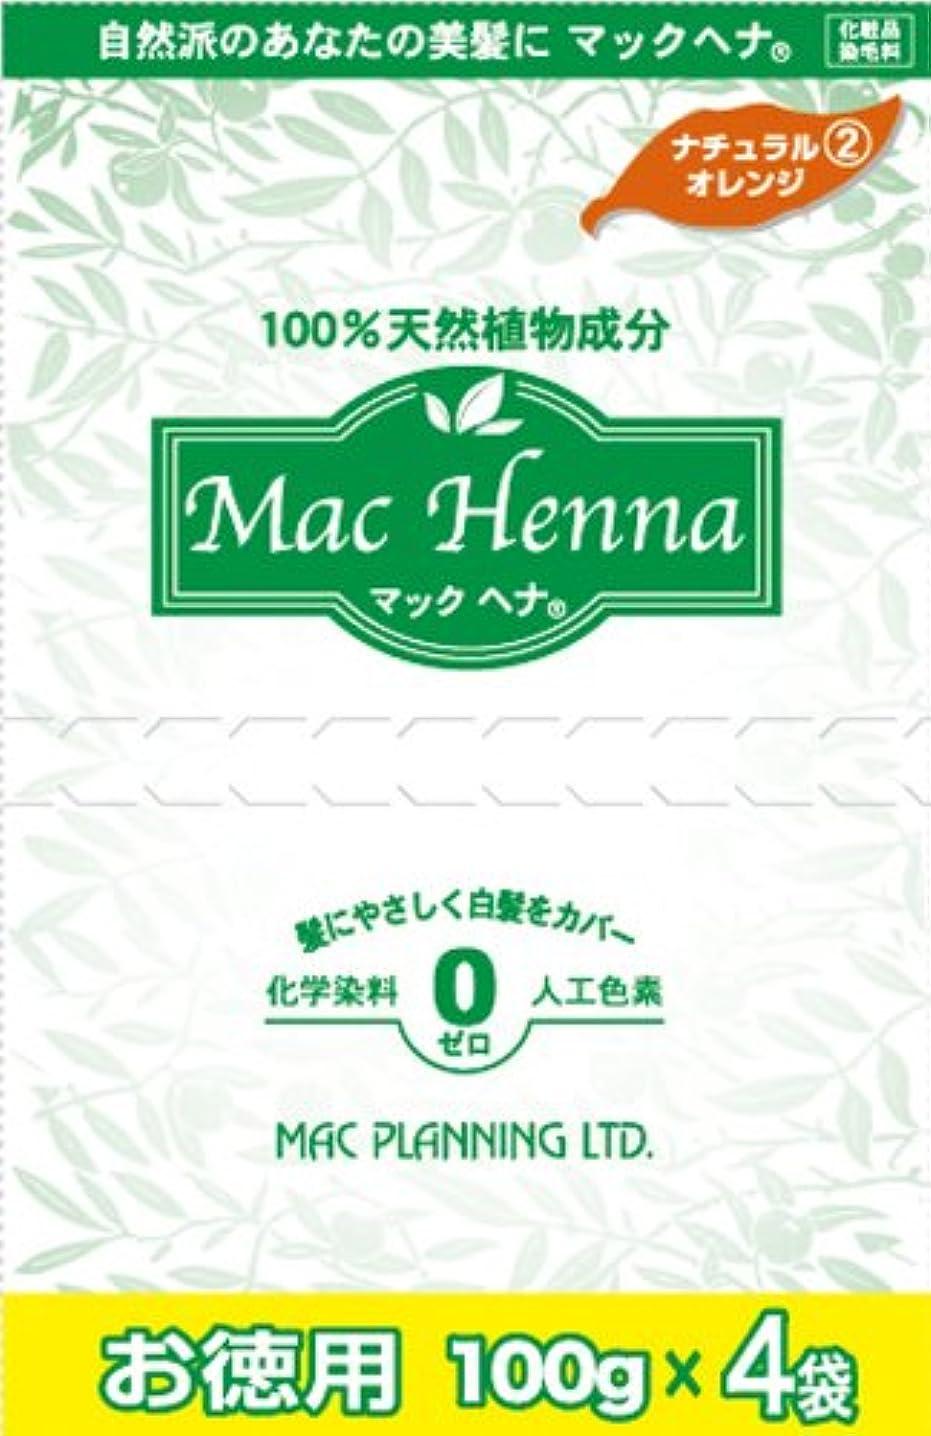 希少性フォージ柱天然植物原料100% 無添加 マックヘナ お徳用(ナチュラルオレンジ)-2  400g(100g×4袋) 3箱セット